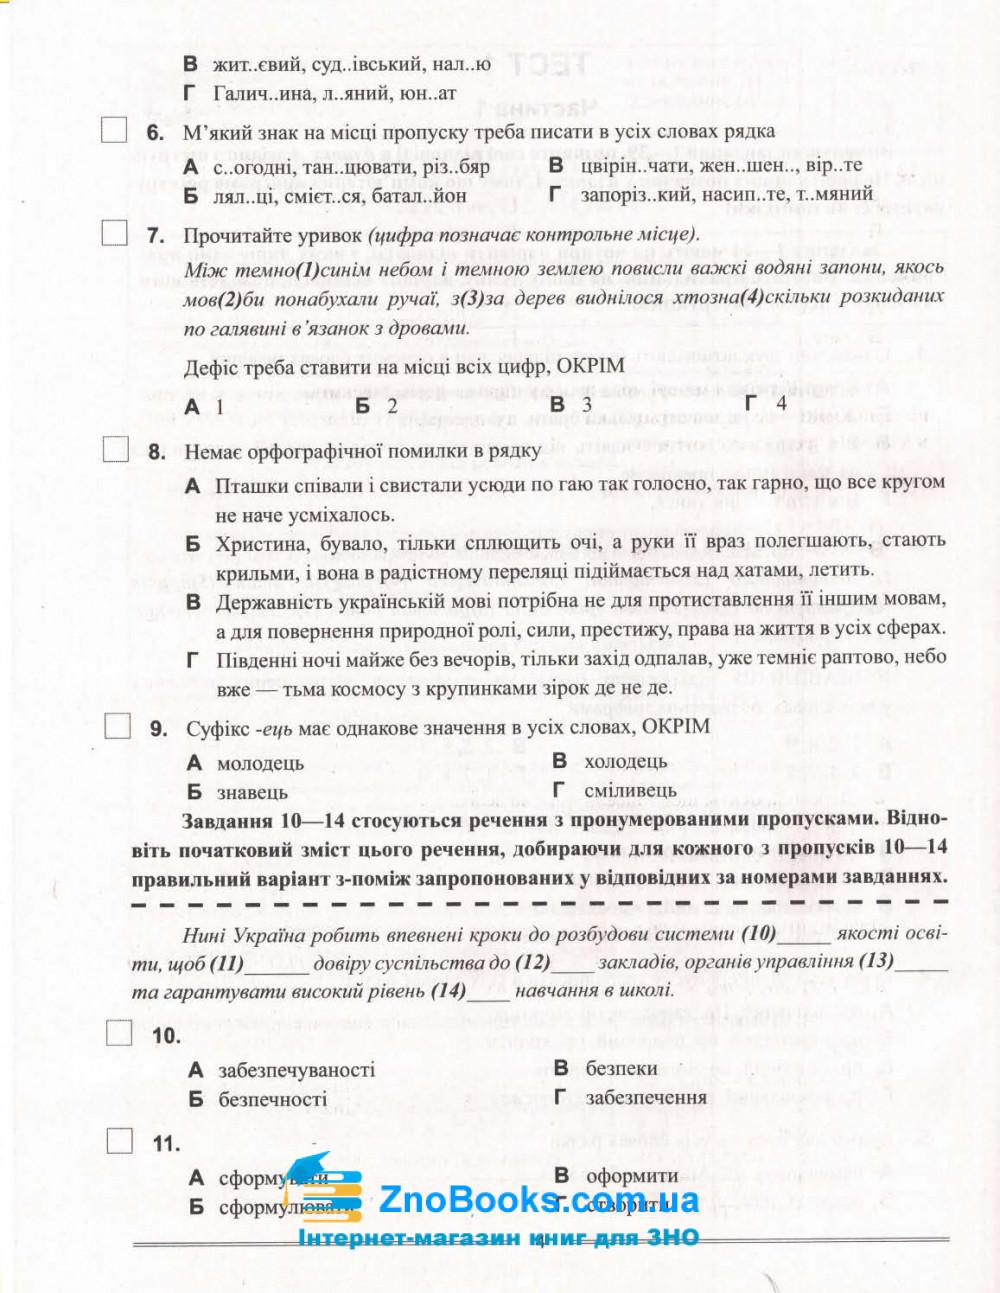 Тестові завдання у форматі ЗНО 2022 з Української мови : Воскресенська Ю., Яковлева Н. Торсінг 4